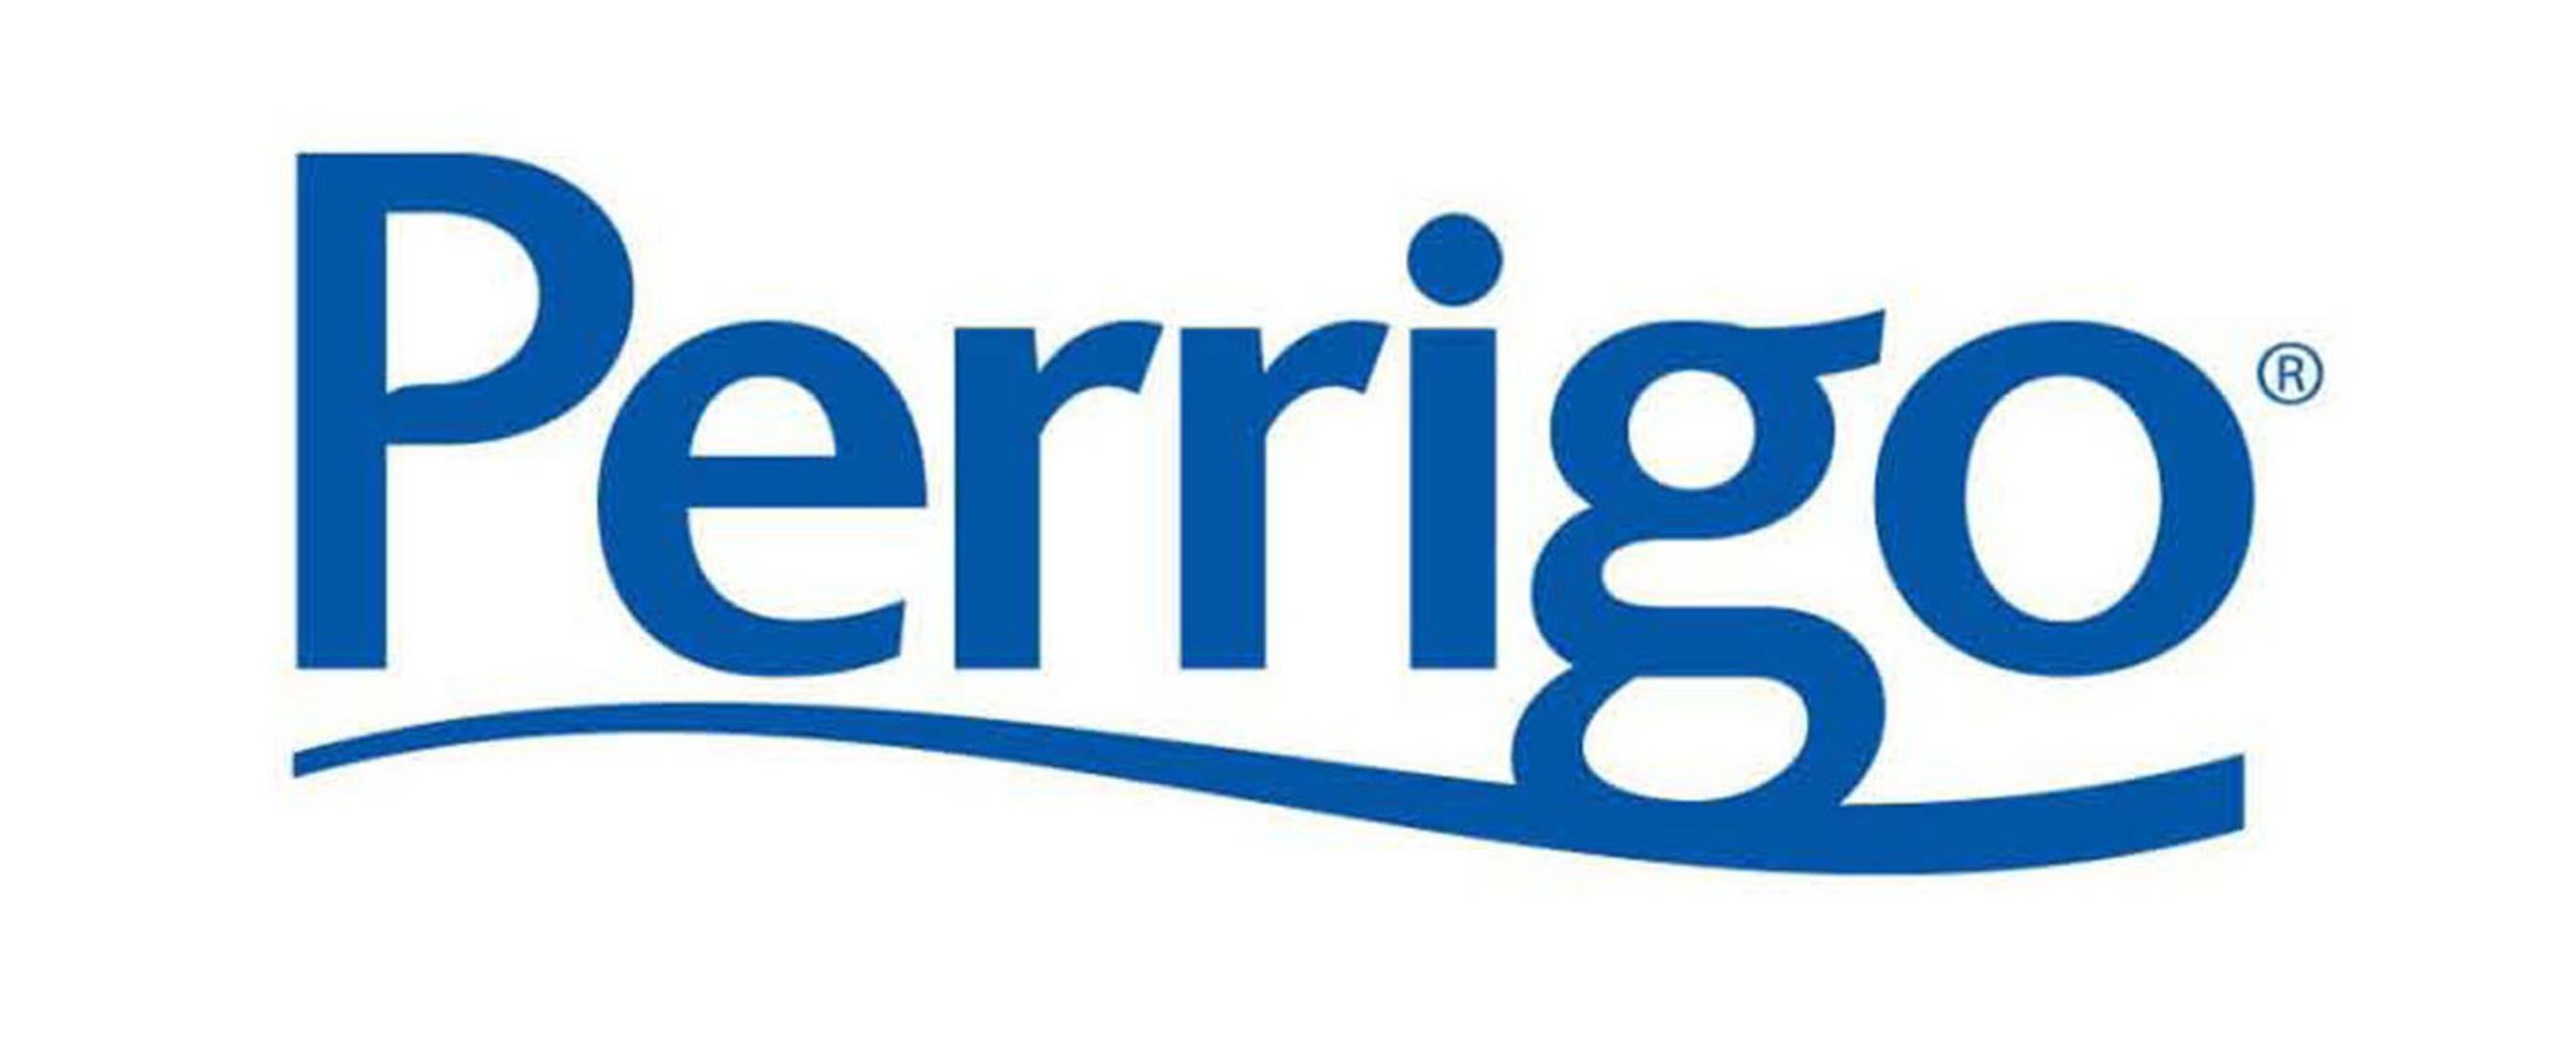 Perrigo Company